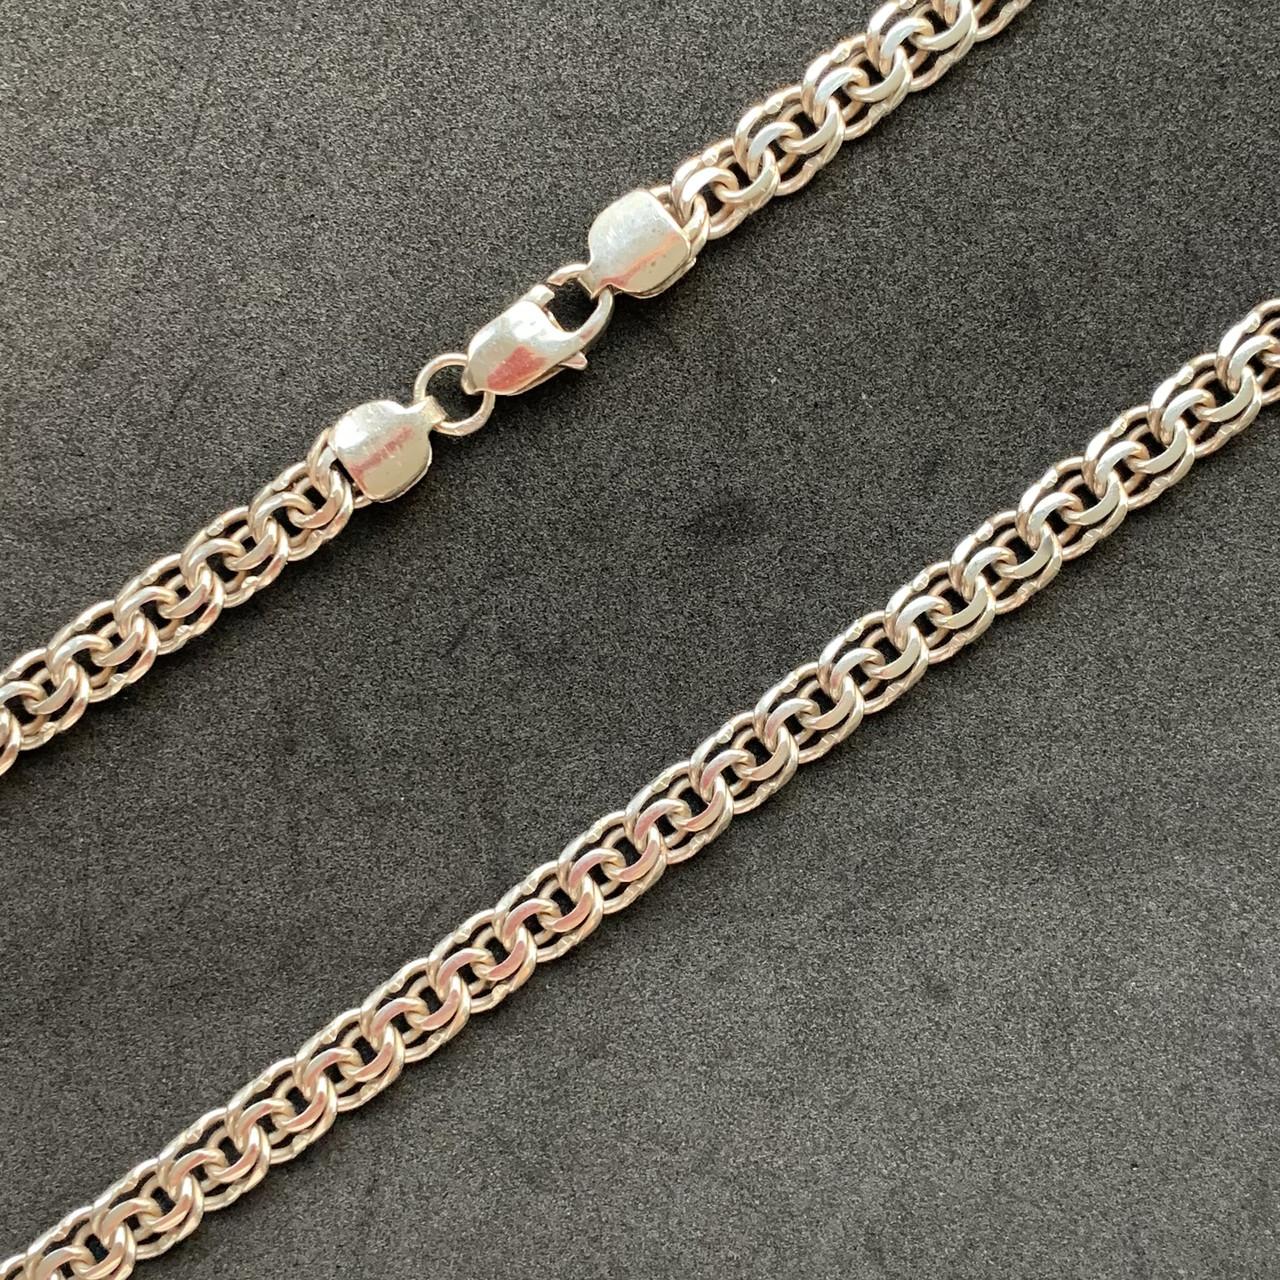 Серебряная цепочка Б/У 925 пробы, плетение Бисмарк, длина 56 см, вес 37,04 г. Серебро из ломбарда